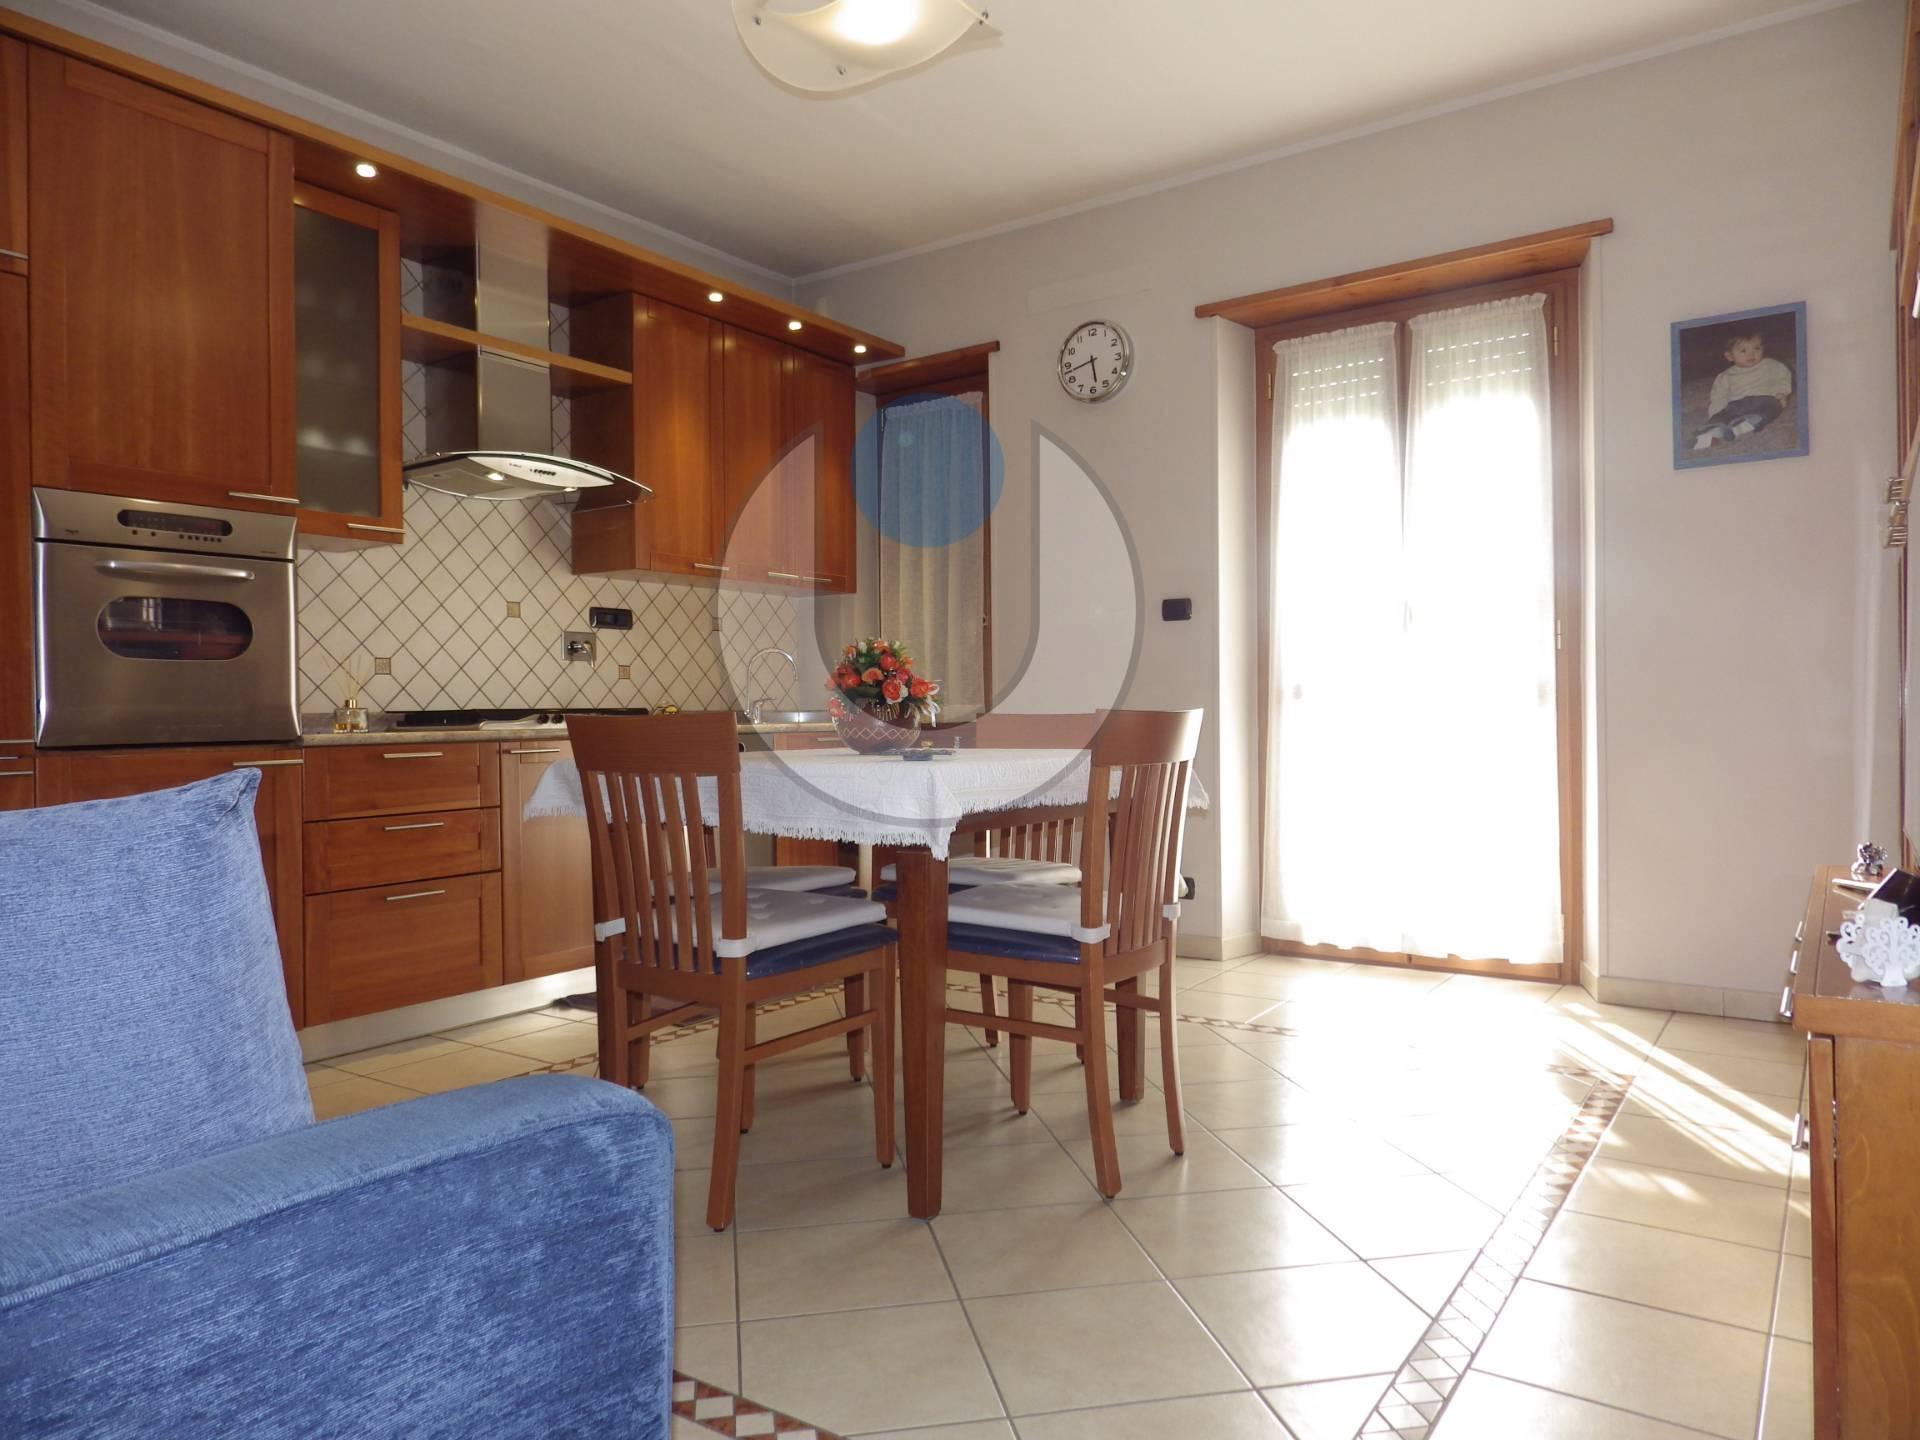 Foto 1 di Appartamento via Damaso, Grugliasco